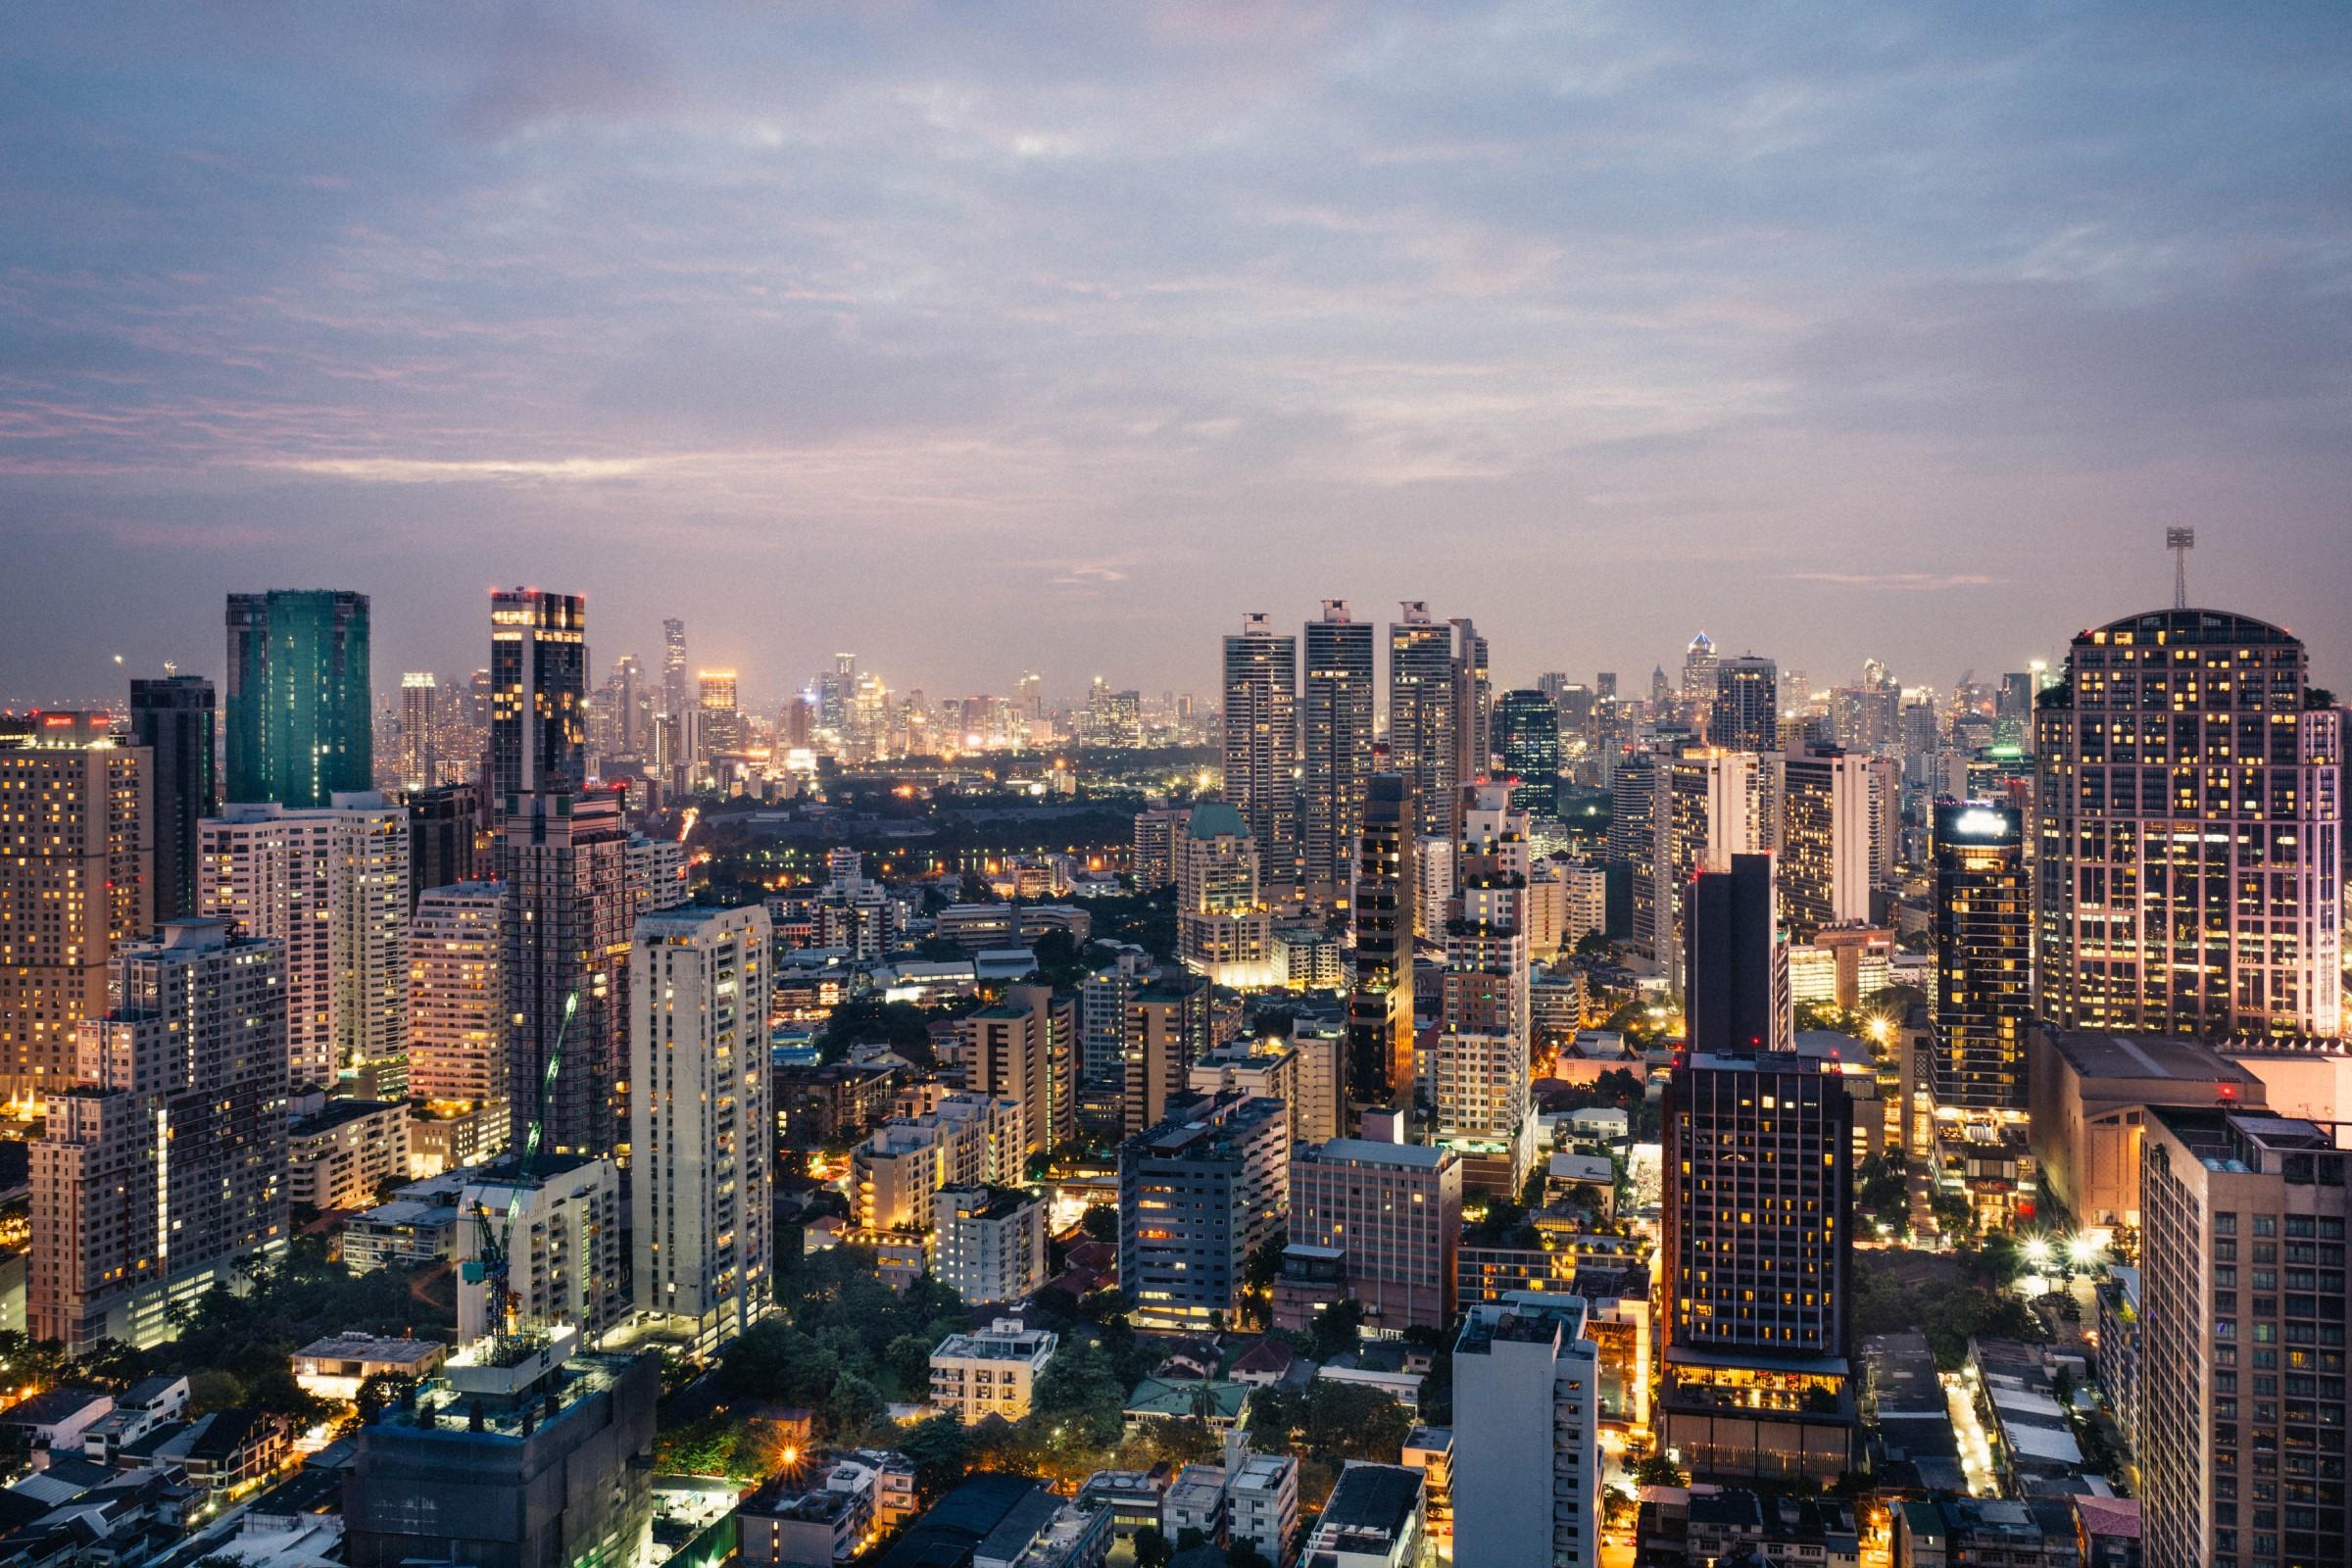 Tendencias en la movilidad urbana y qué esperar en 2030